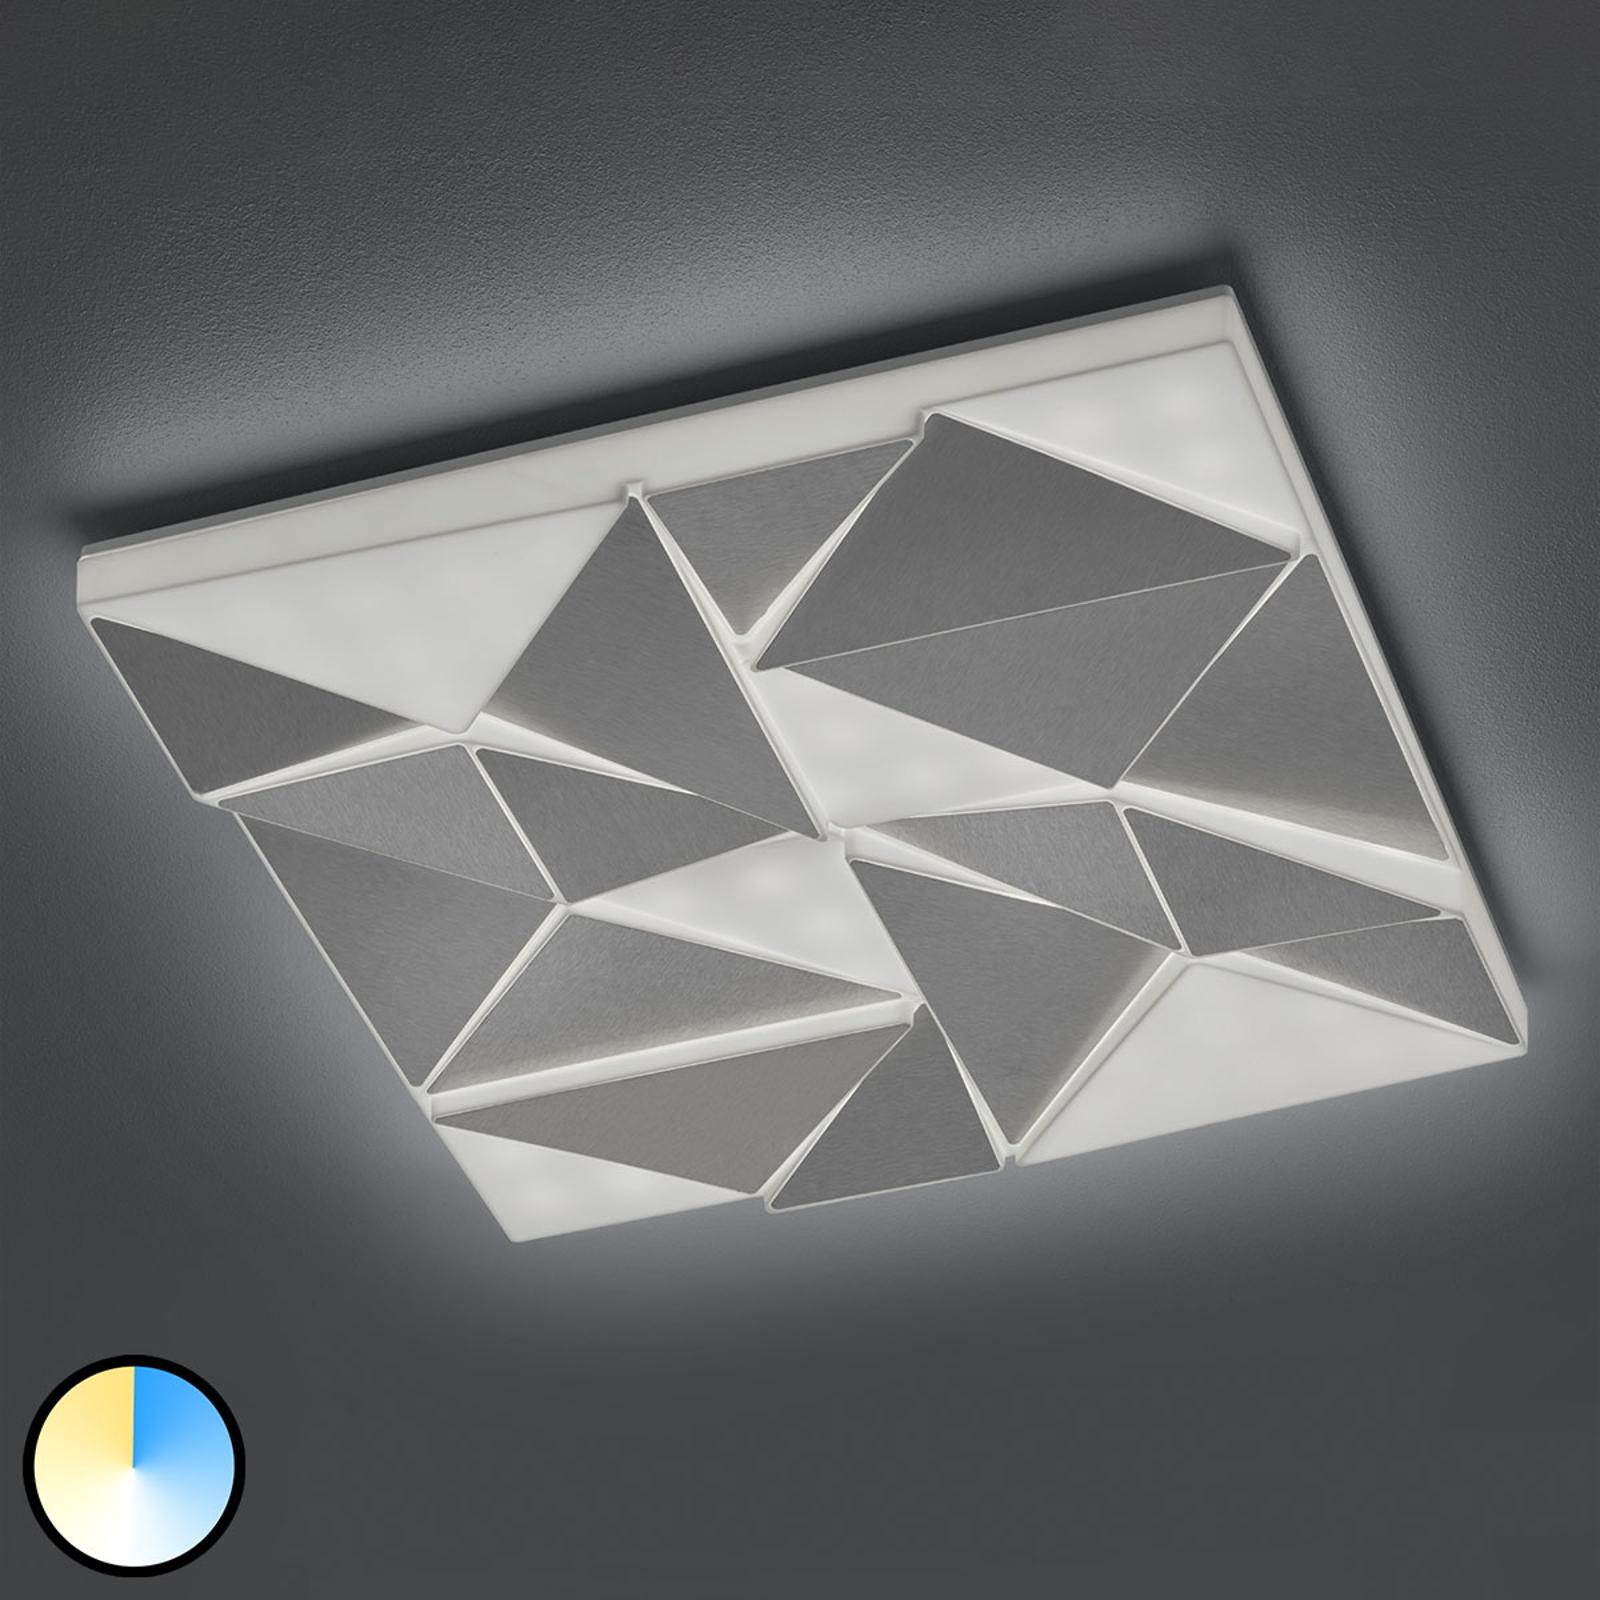 LED-taklampe Trinity med nattlys, 60 x 60 cm